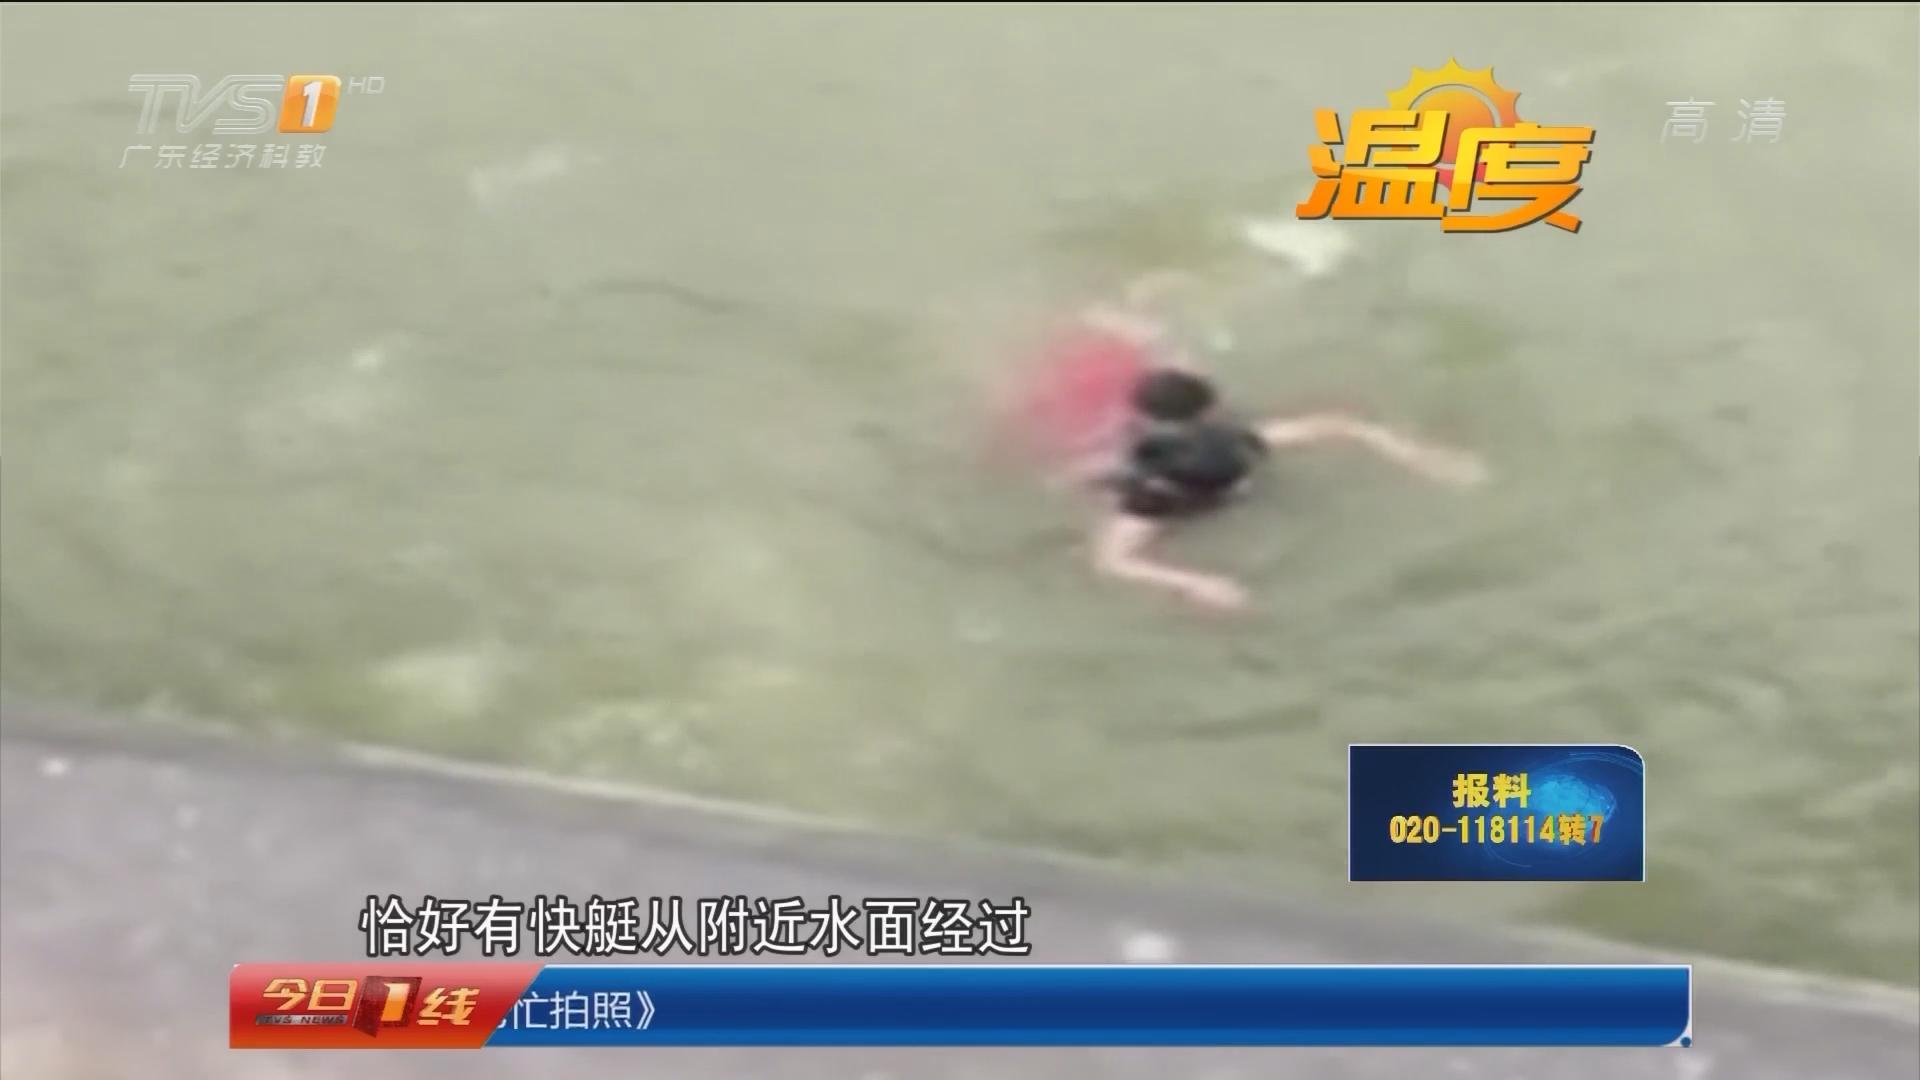 """系列专栏""""温度"""":揭阳 女子跳河 众街坊奋力救人"""